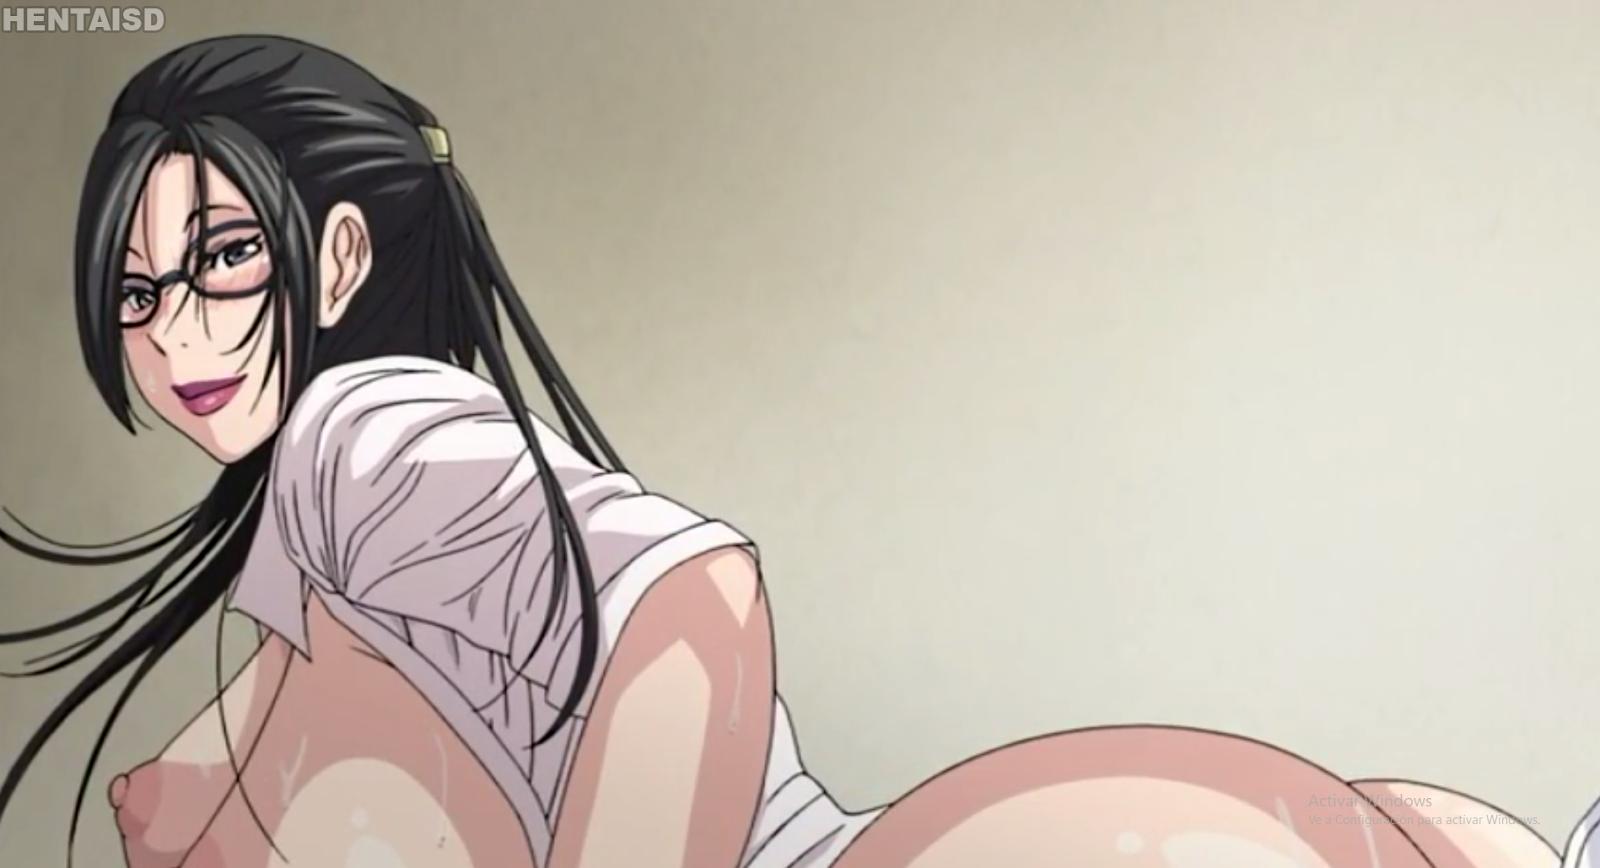 Boku to Sensei to Tomodachi no Mama 01 - hentaisd